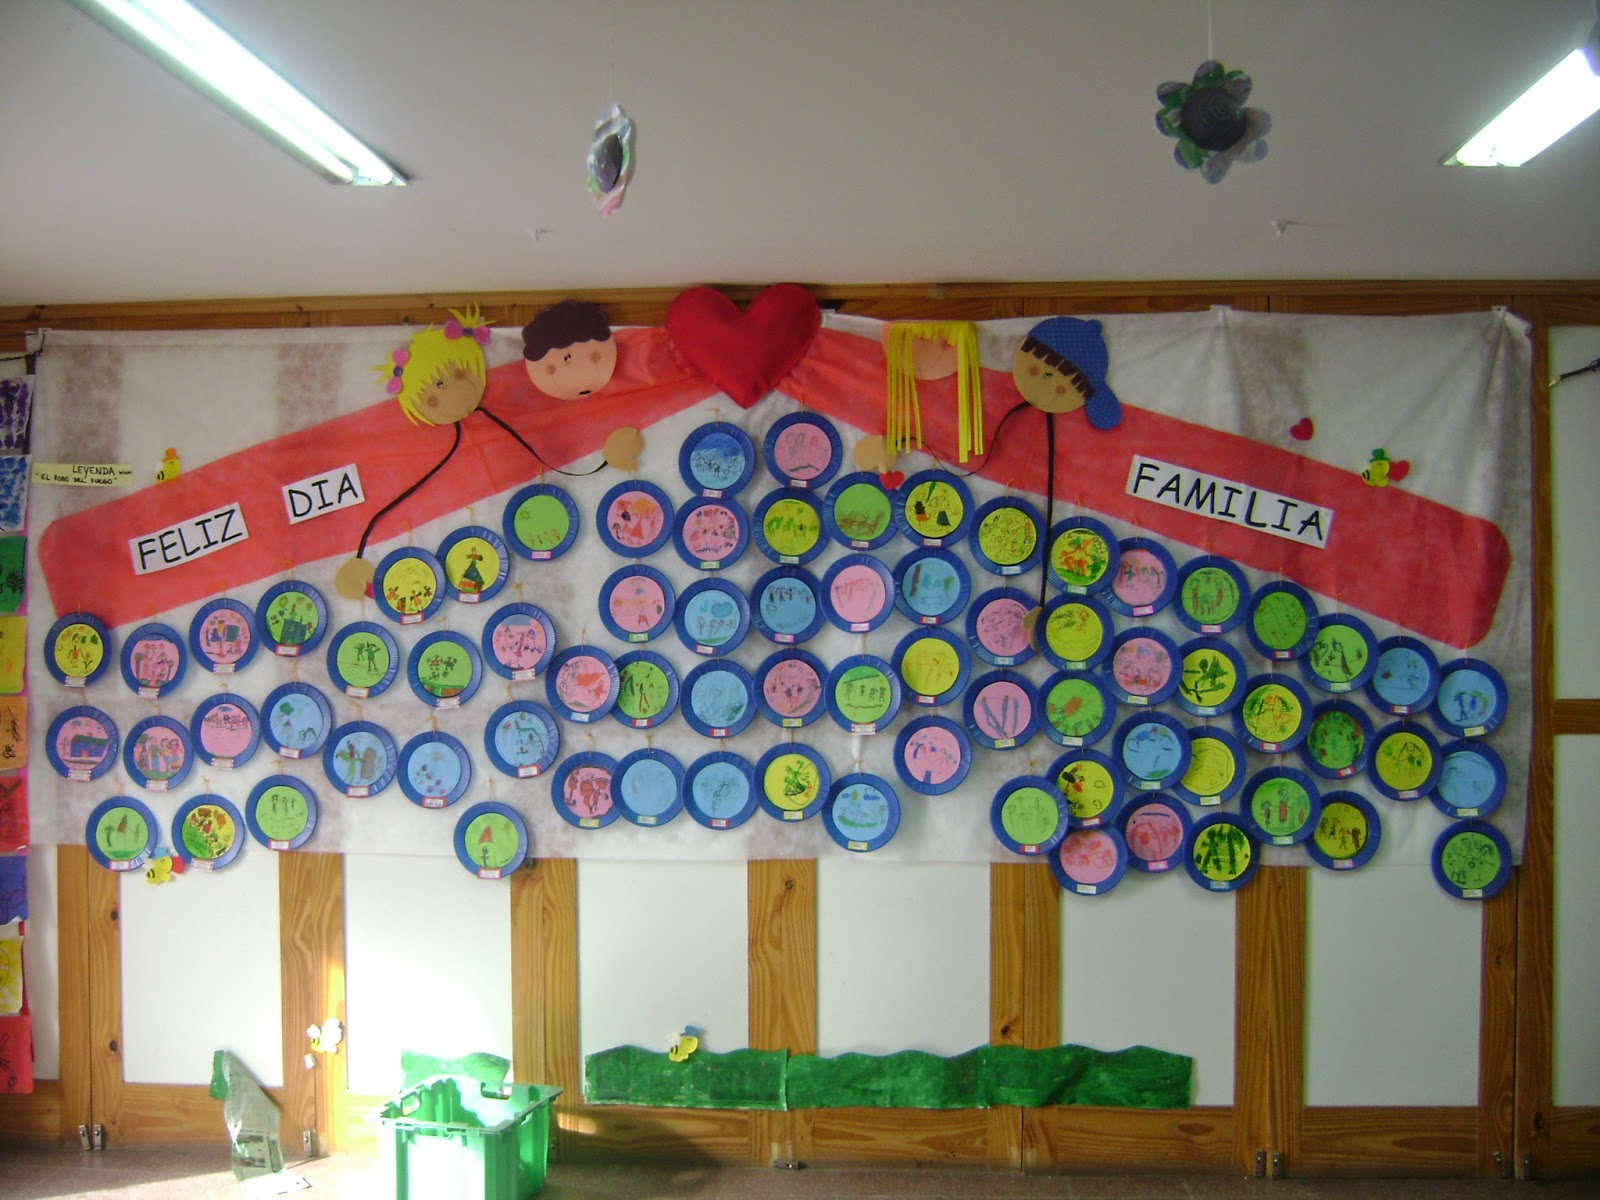 Educaci n inicial c rdoba regalos para el d a de la familia for Decoracion salas jardin de infantes